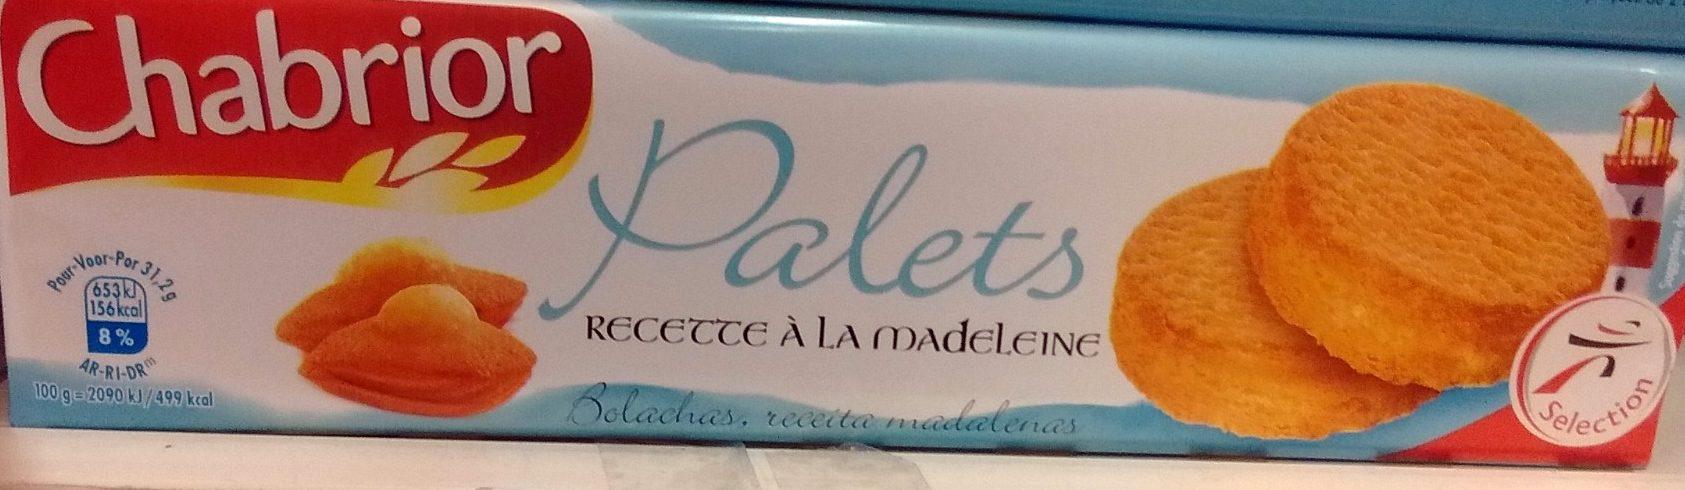 Palets Recette à la Madeleine - Product - fr